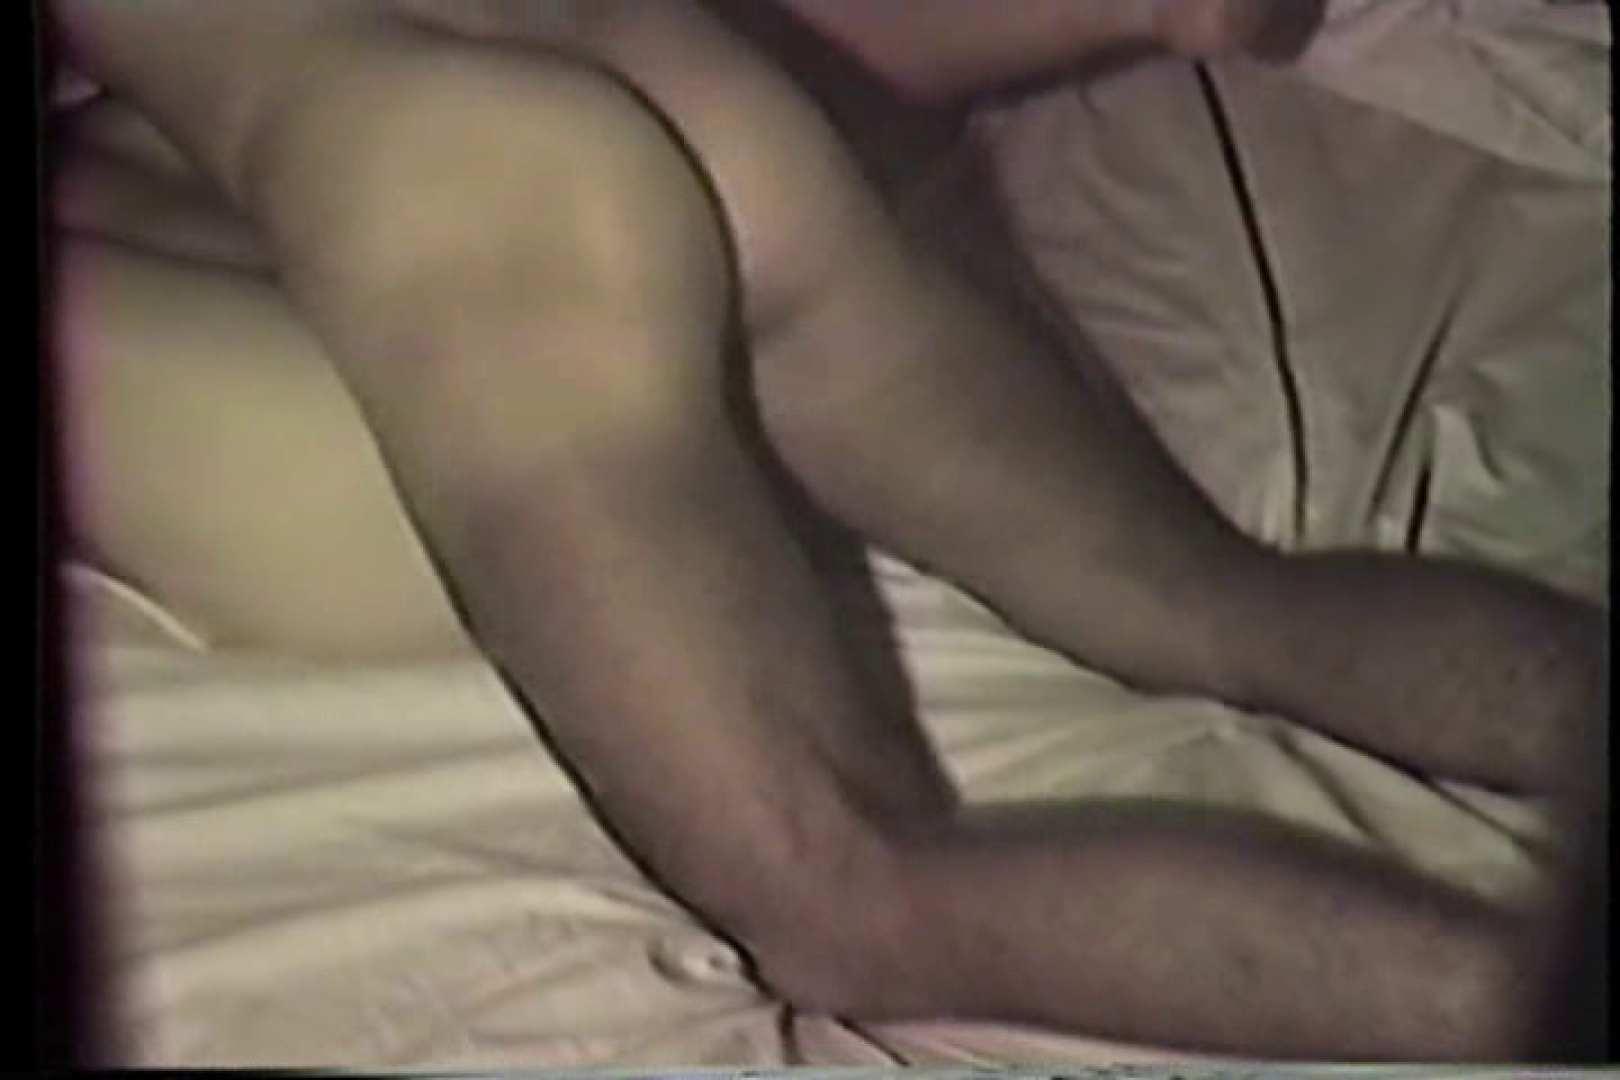 実録!ラブホテル~消し忘れ注意!昭和の色編~ vol.24 ホテル 盗み撮りAV無料動画キャプチャ 71画像 18